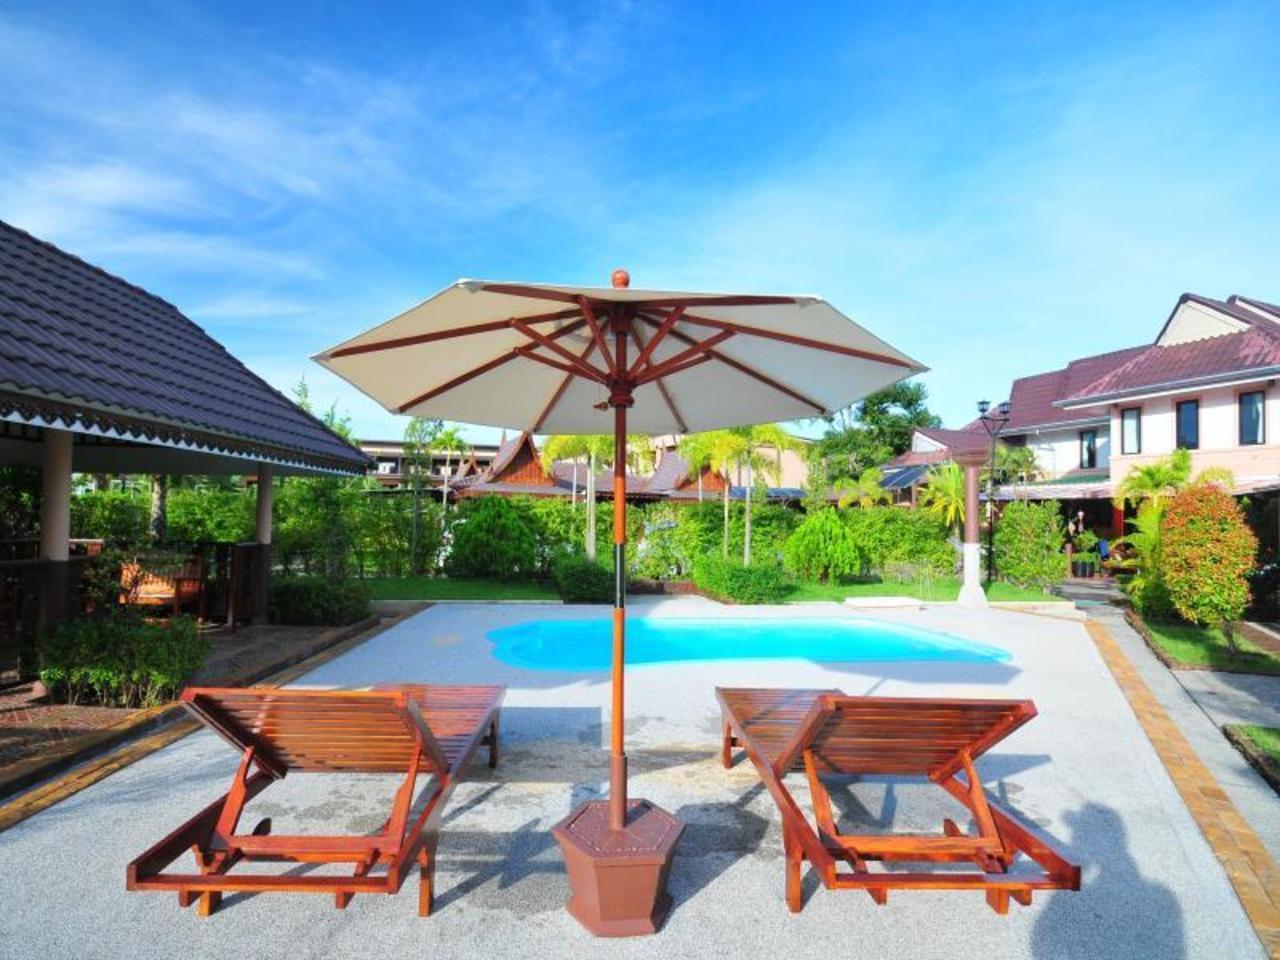 มาลีดี เบย์ รีสอร์ท (Maleedee Bay Resort)